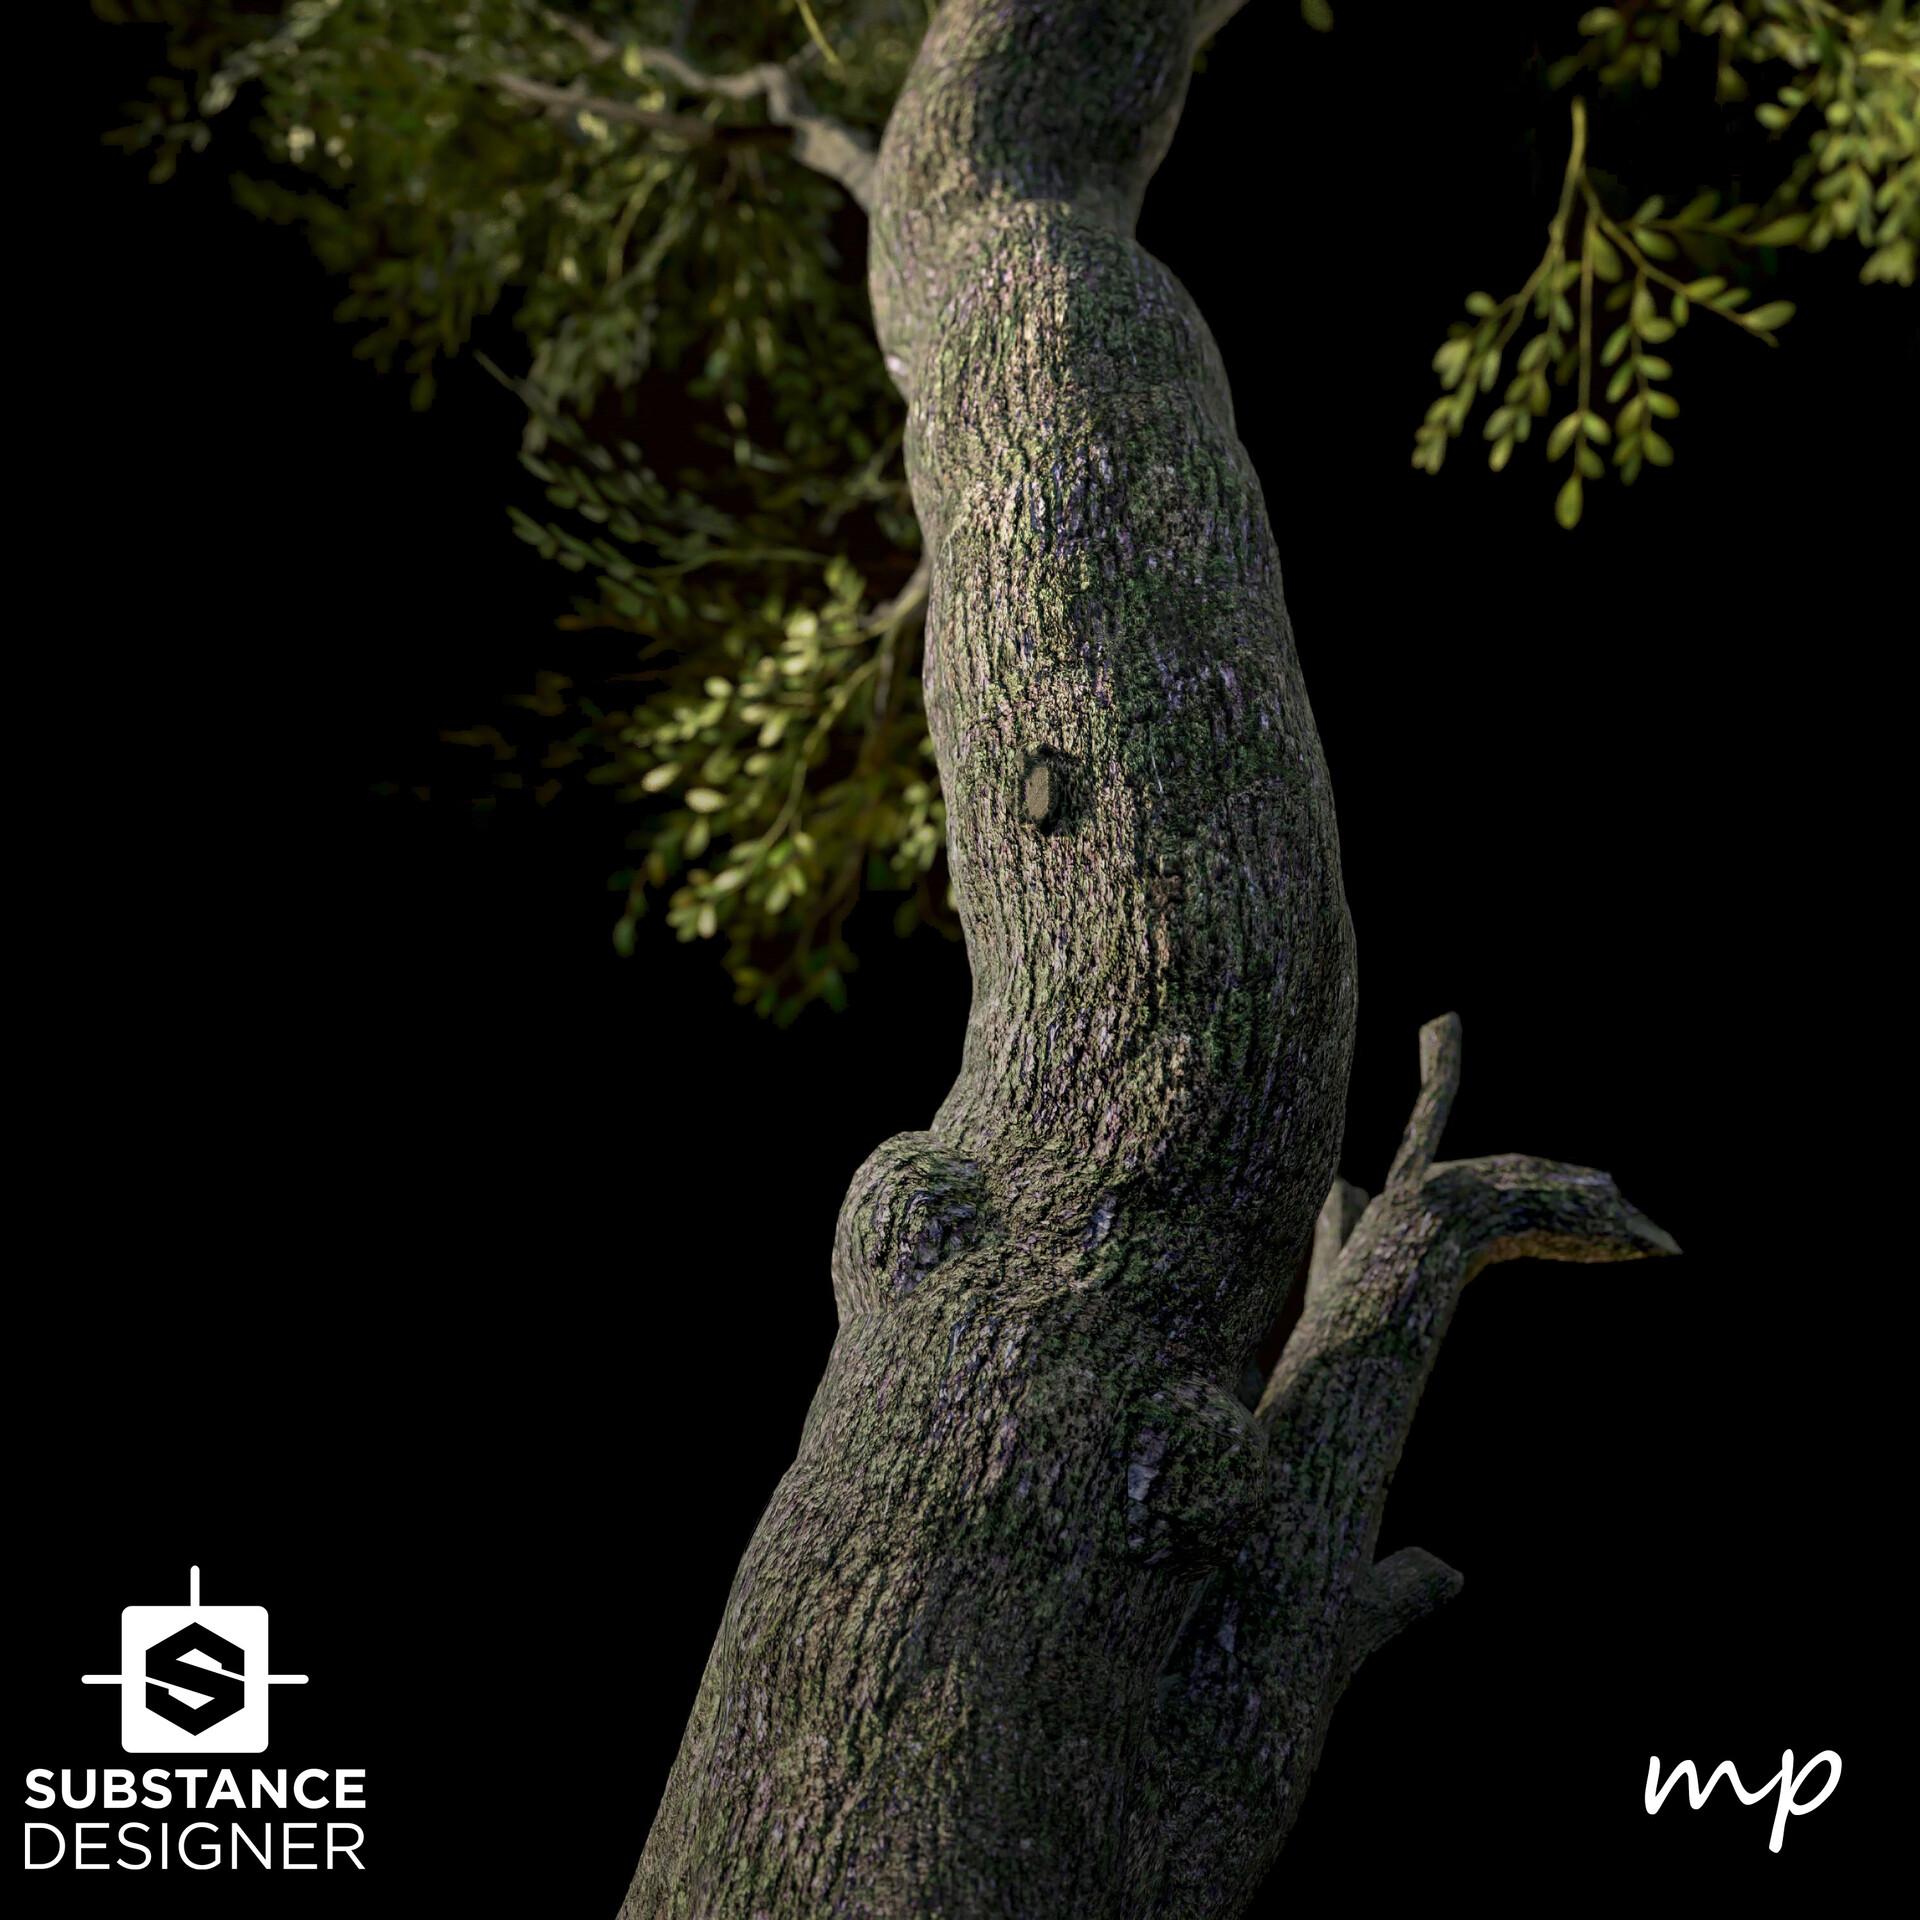 Martin pietras bark moss tree render 01